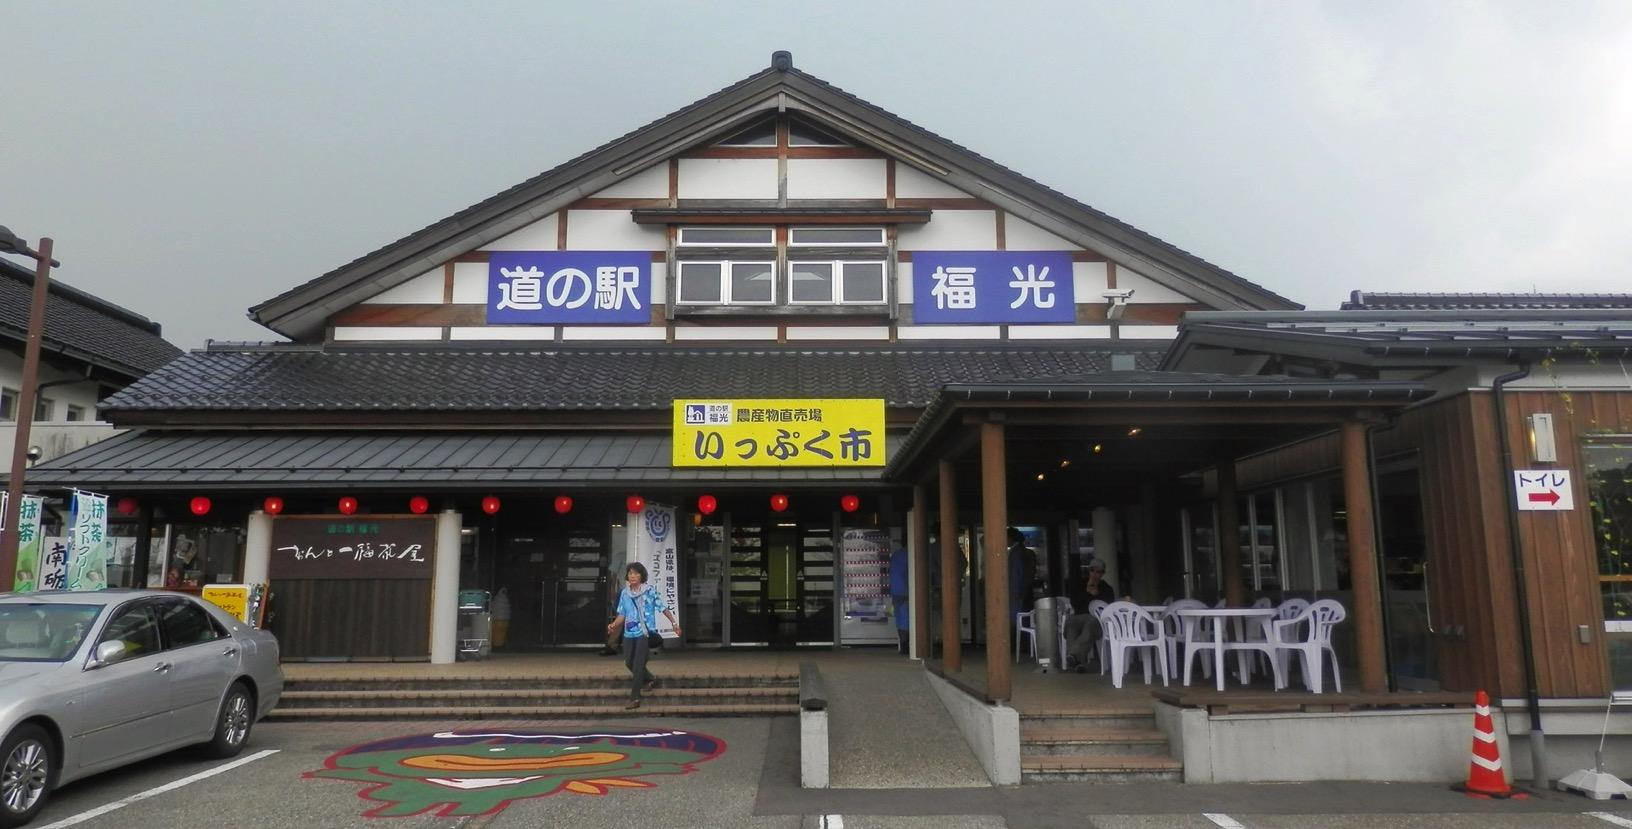 芸術と歴史の街 道の駅「福光」